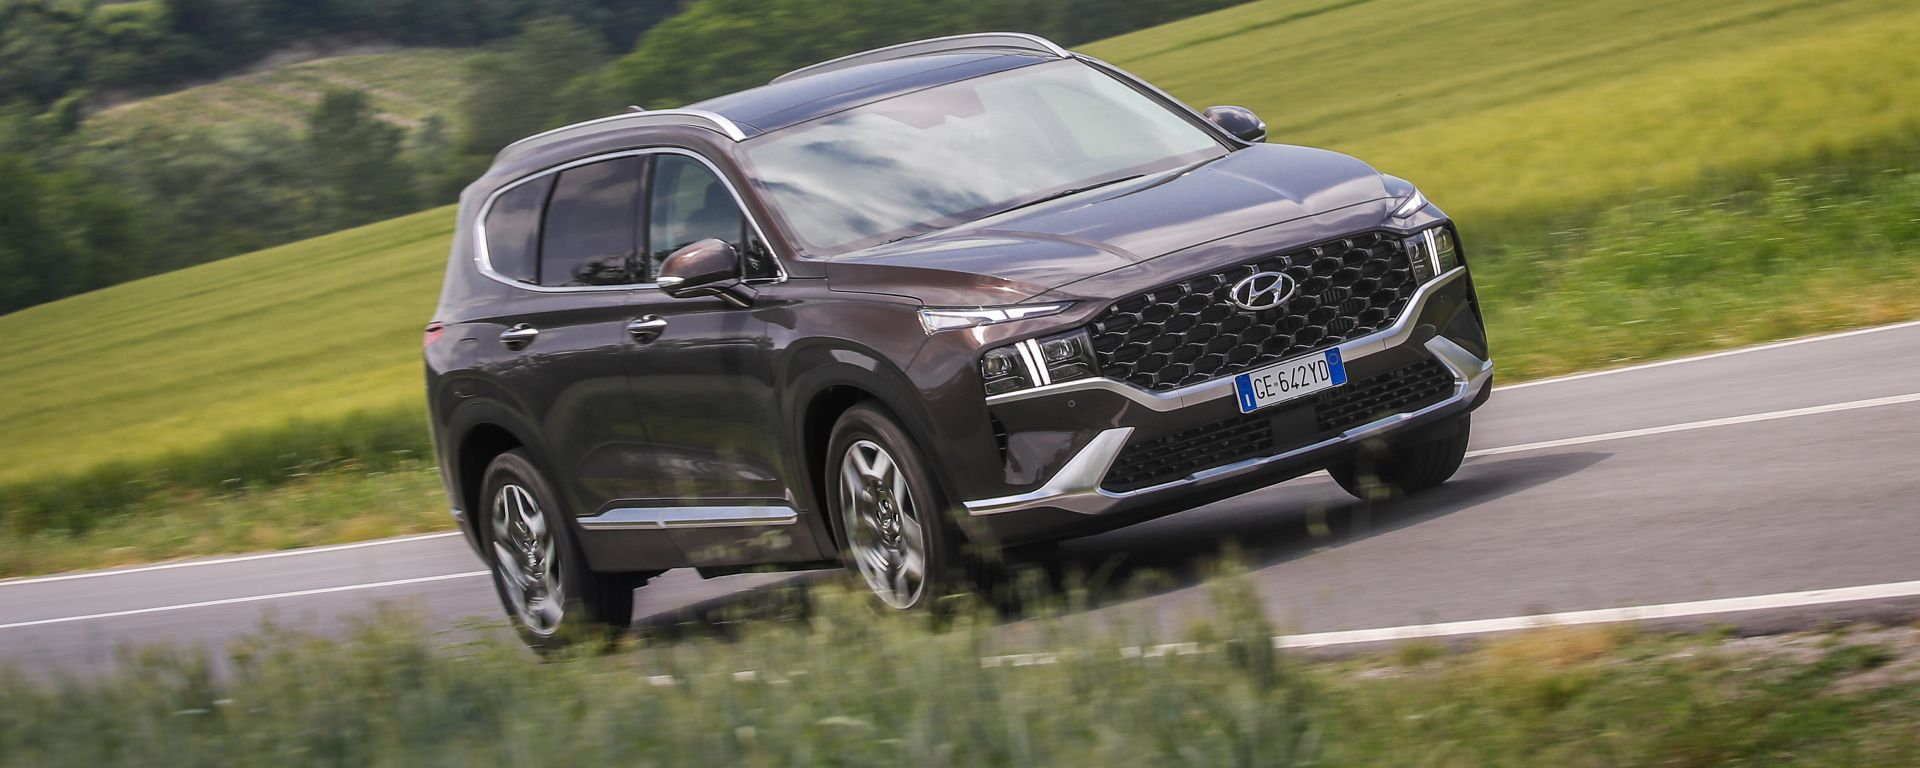 Nuova Hyundai Santa Fe PHEV: il grande SUV coreano anche con motore plug-in hybrid